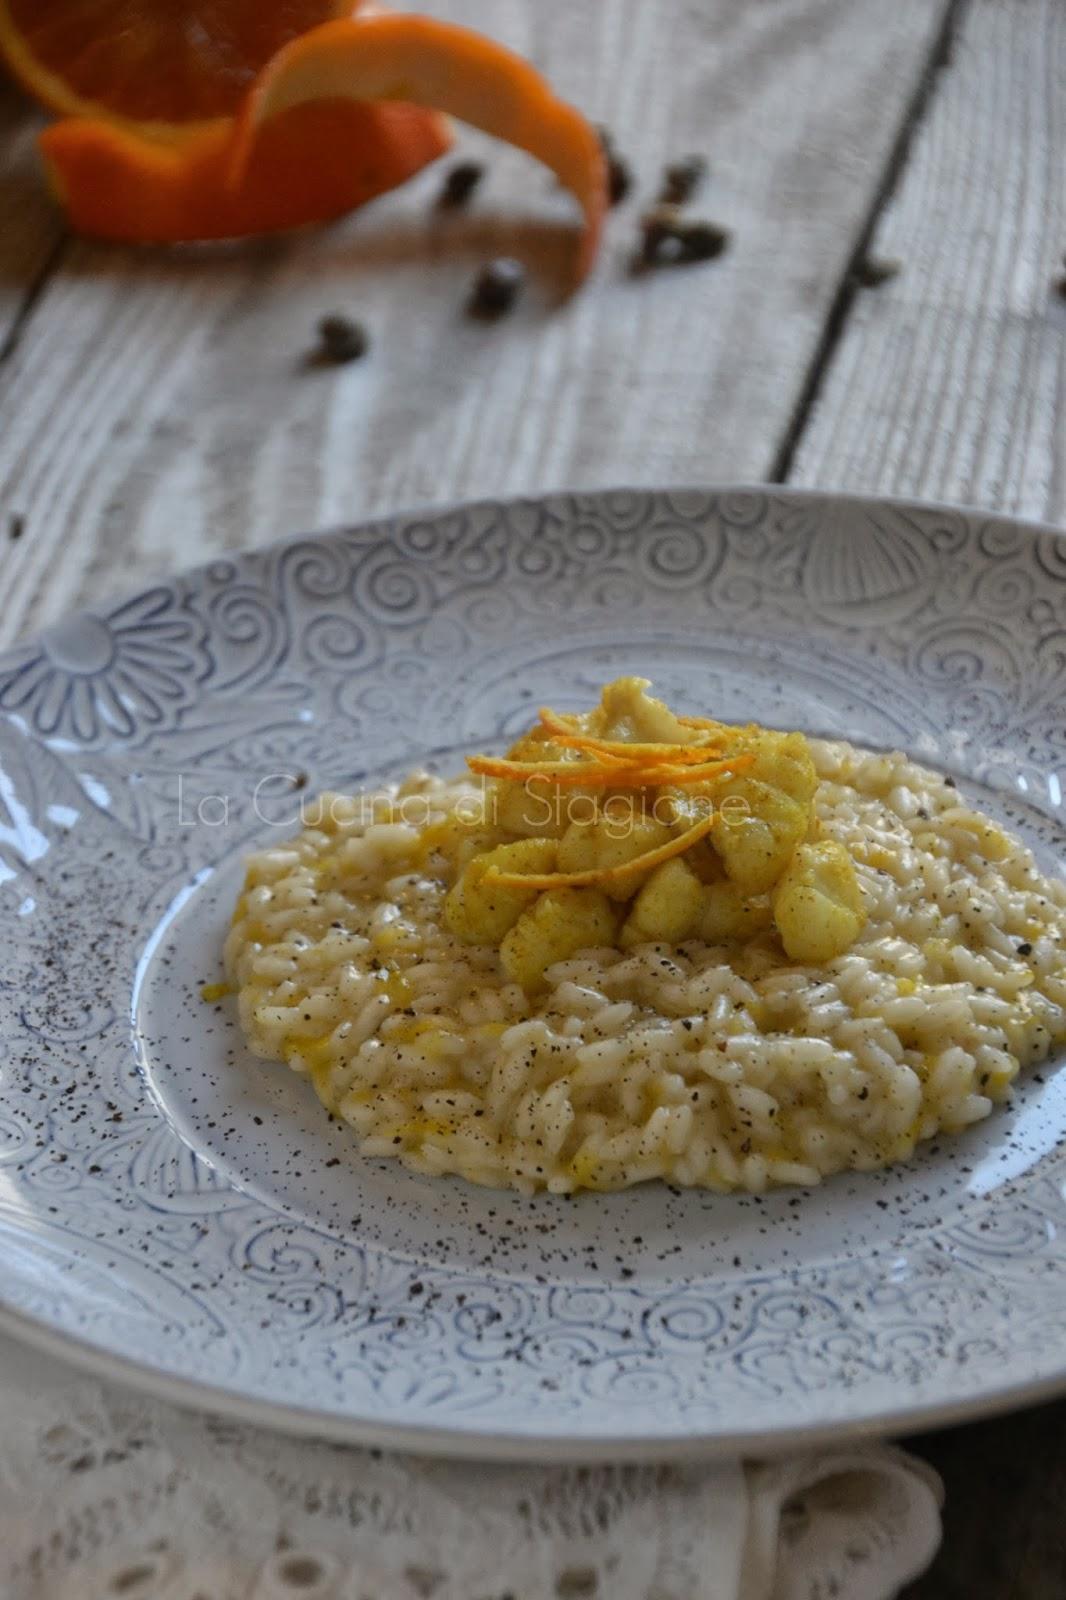 La cucina di stagione risotto agli agrumi polvere di for Cucinare rana pescatrice